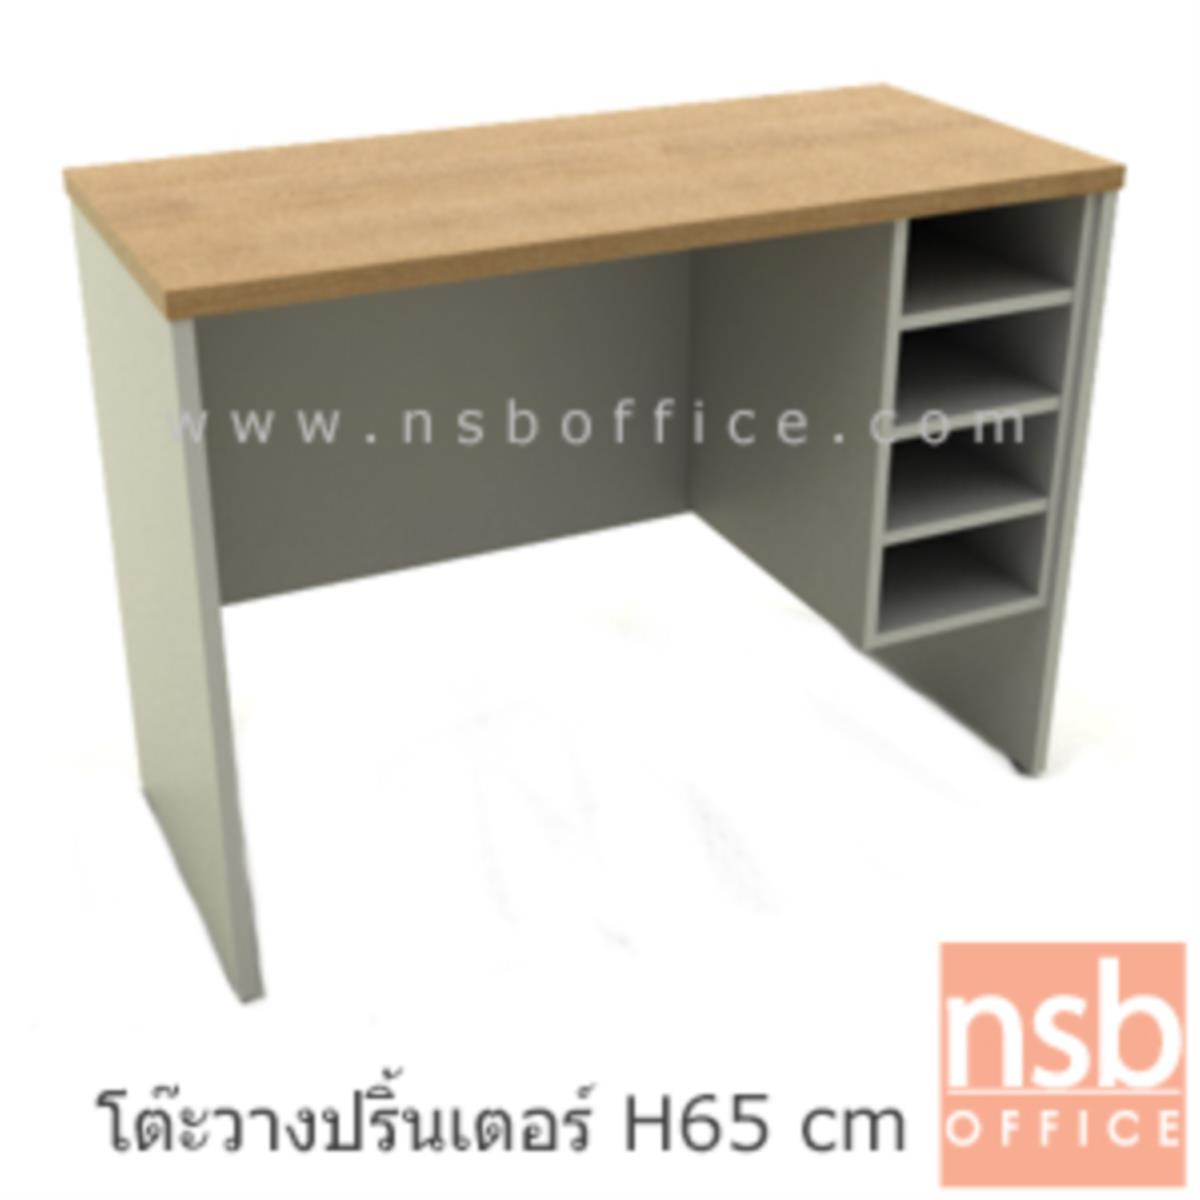 A18A006:โต๊ะเตี้ยวางพริ้นเตอร์ 4 ช่องโล่ง Print desk - B (เตี้ยกว่าโต๊ะเพื่อให้ใช้งานสะดวก) (42D*65H) cm